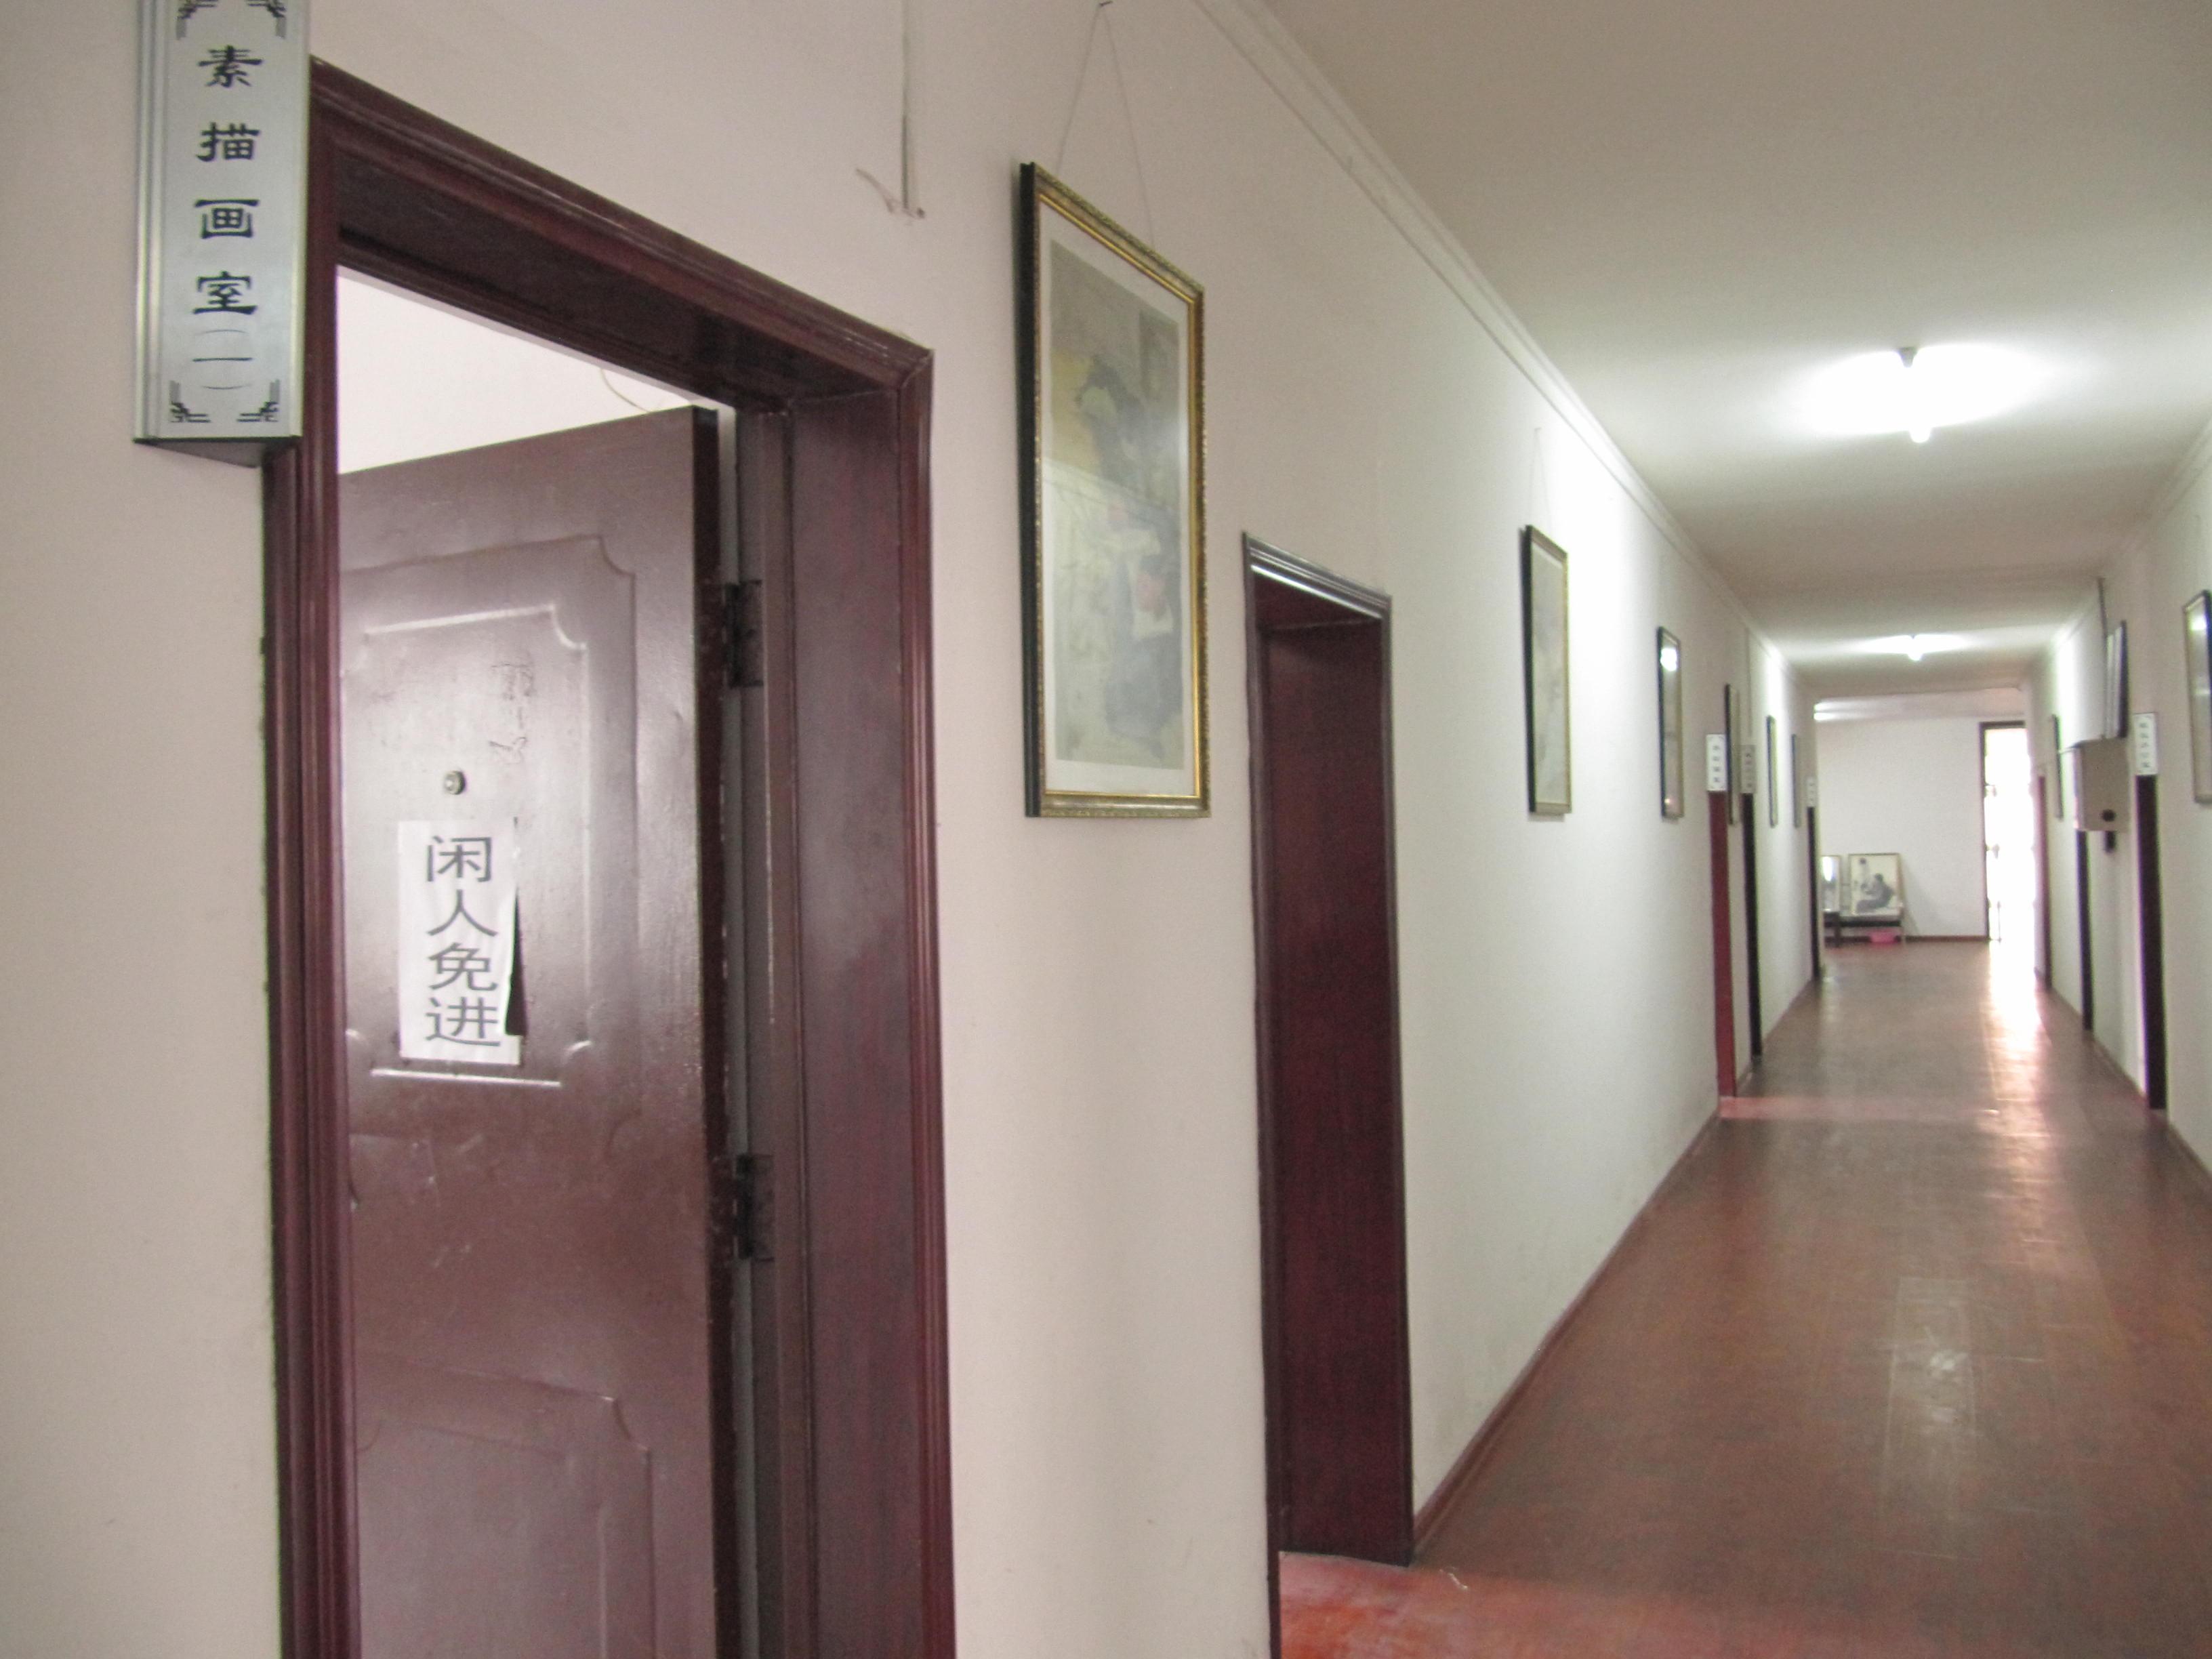 乌鲁木齐广大画室